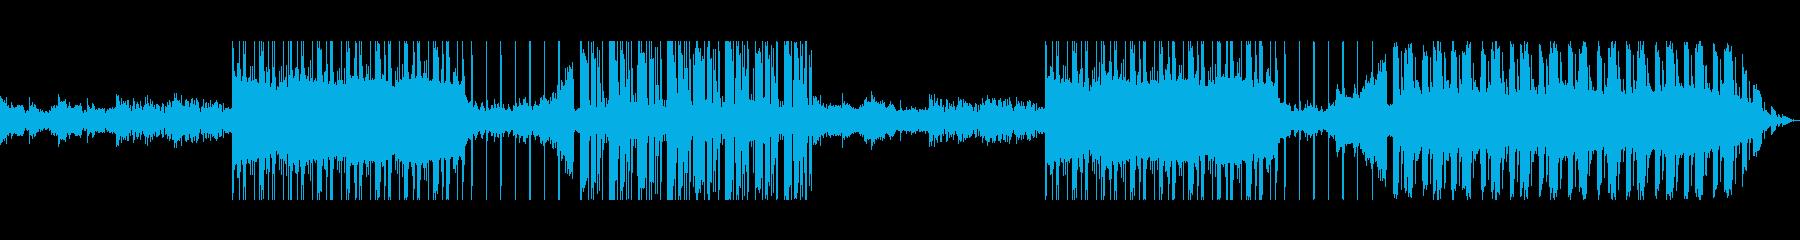 不気味なトラップミュージックの再生済みの波形